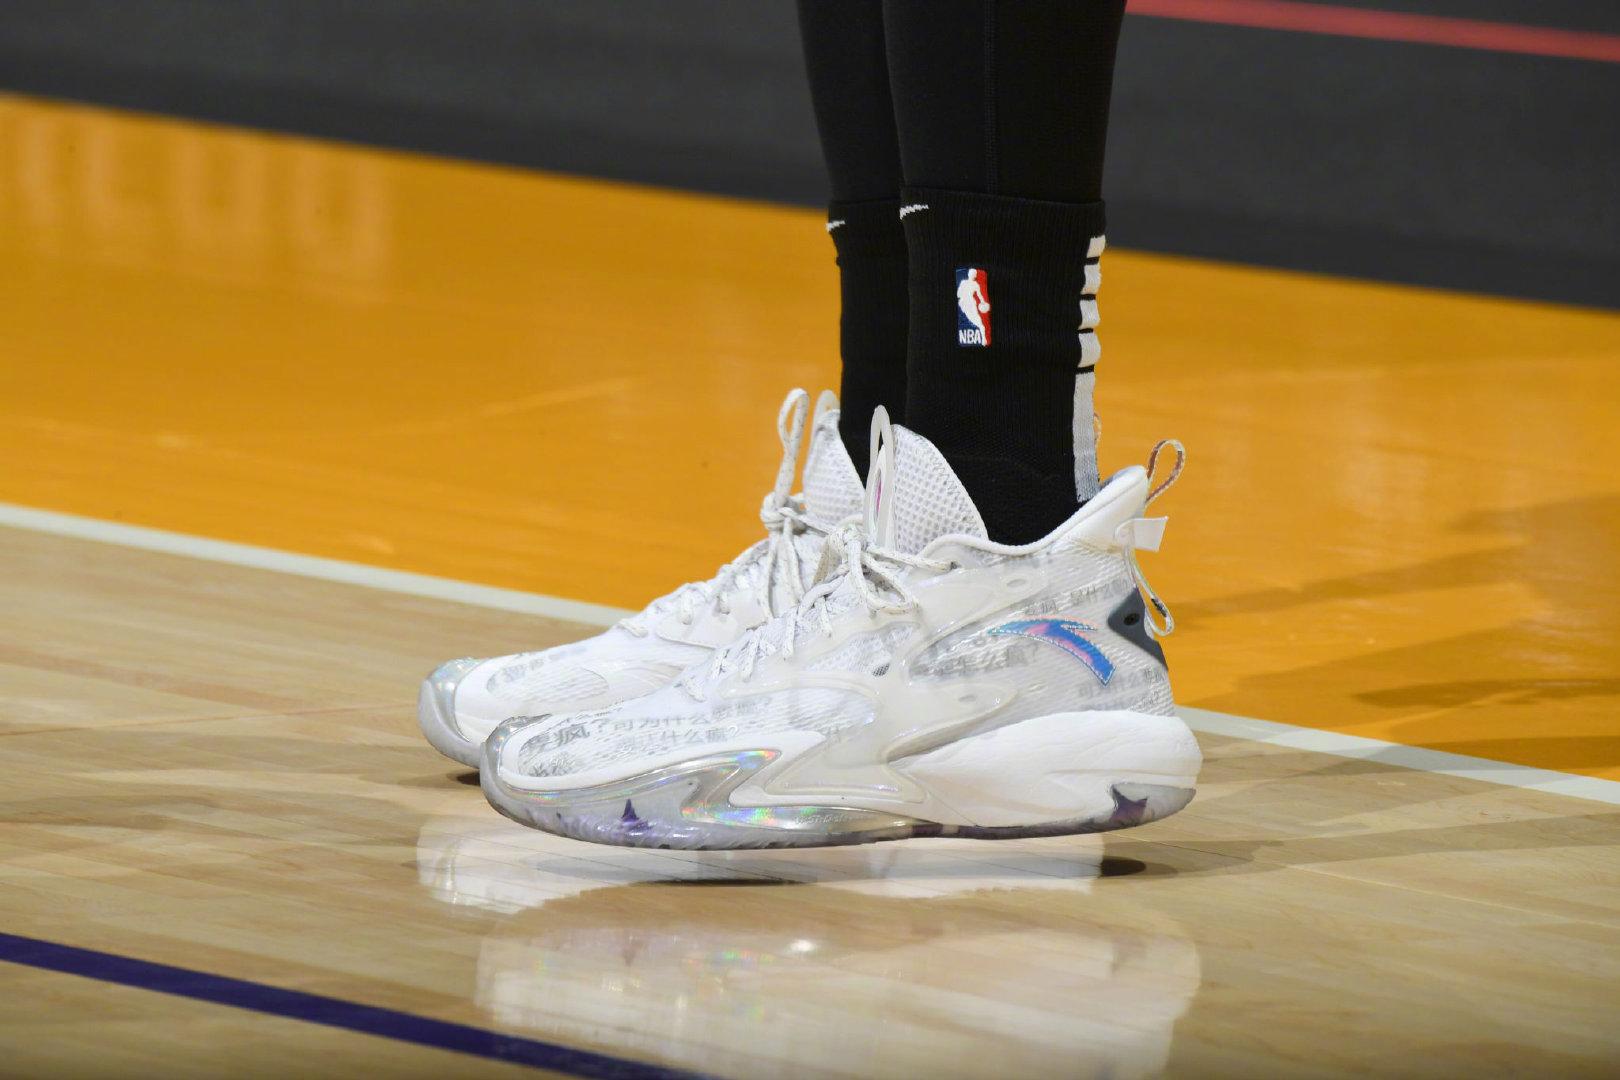 安踏,狂潮 3,发售  全新缓震 + 碳板!不少 NBA 球员都在穿这双鞋!悄悄上架!